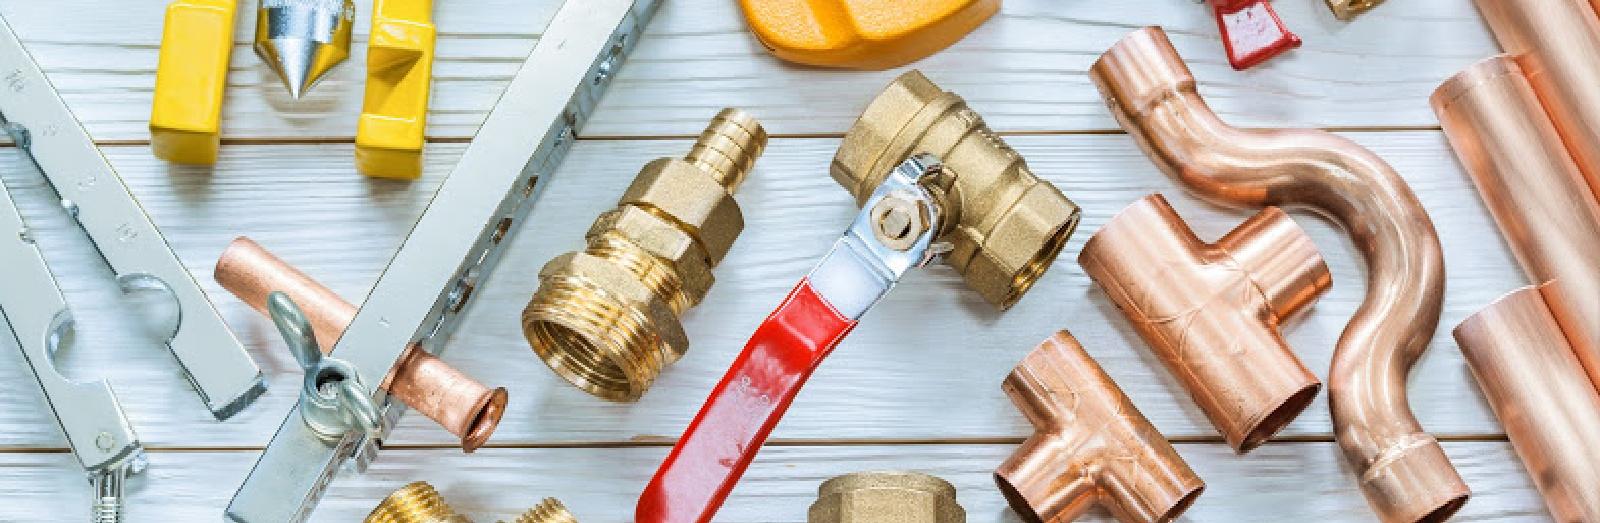 Gasleiding repareren, aanleggen of vervangen